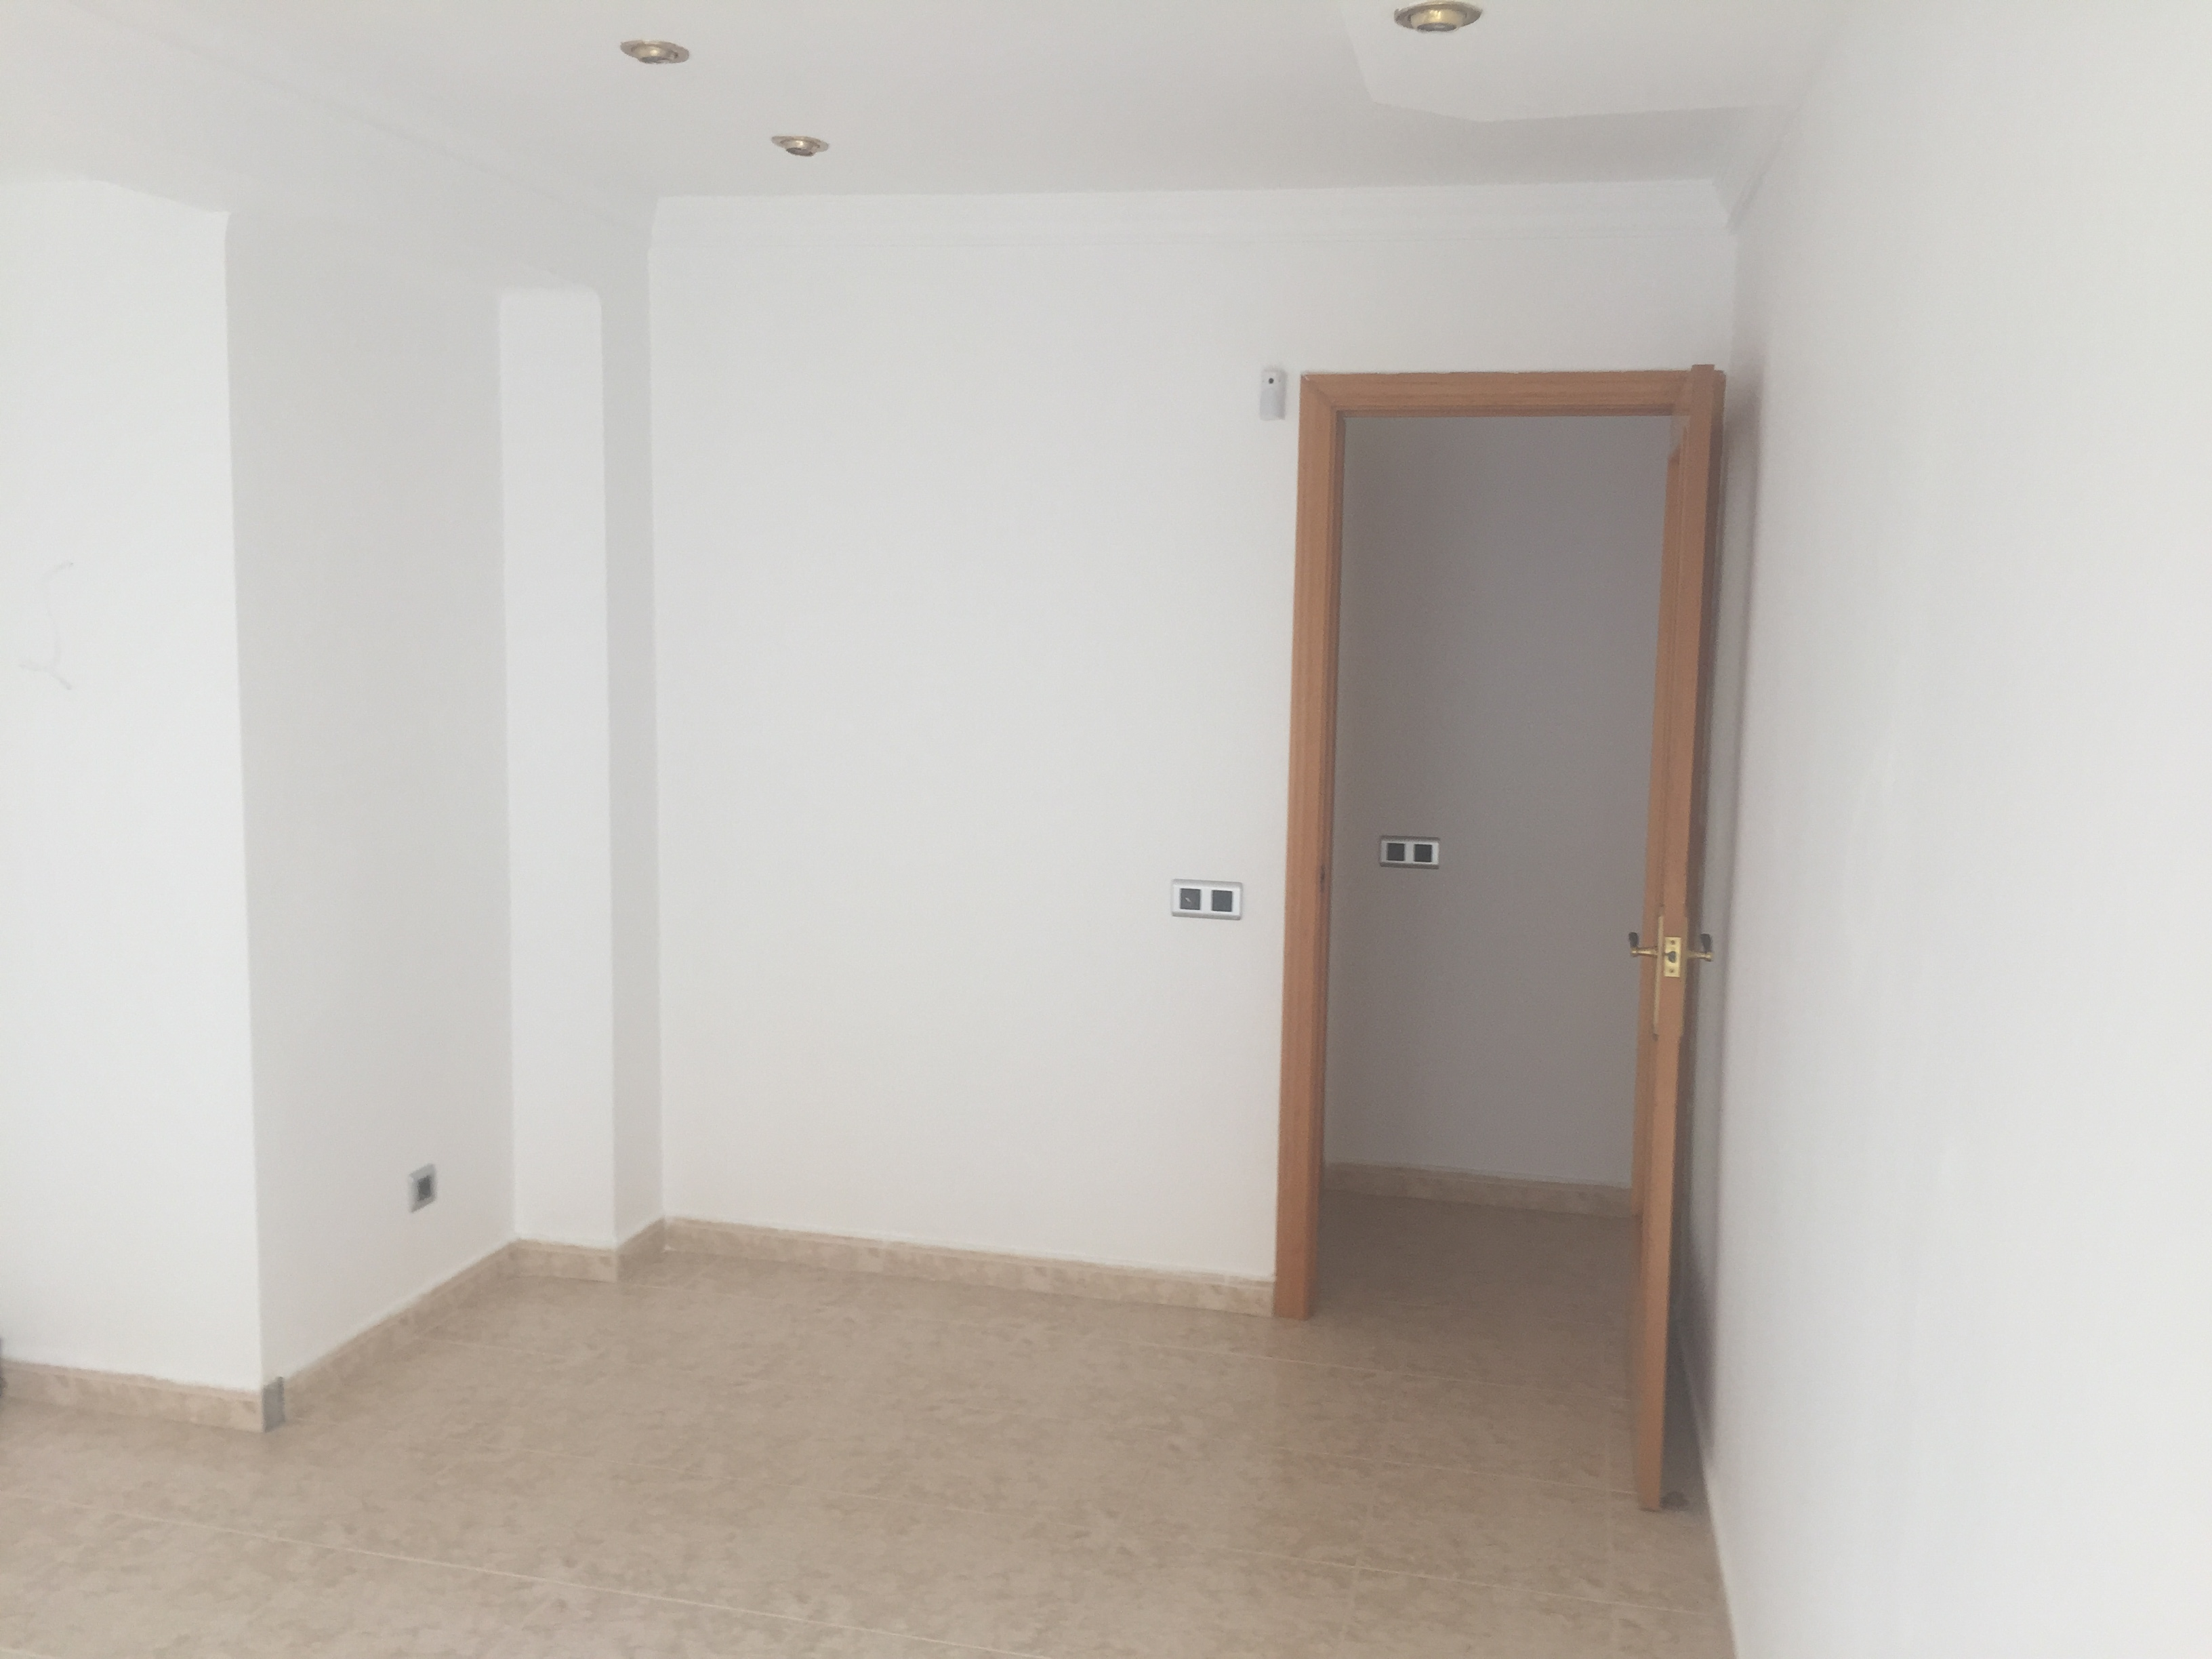 Piso en venta en Reus, Tarragona, Calle de la Muralla, 50.000 €, 3 habitaciones, 1 baño, 75 m2